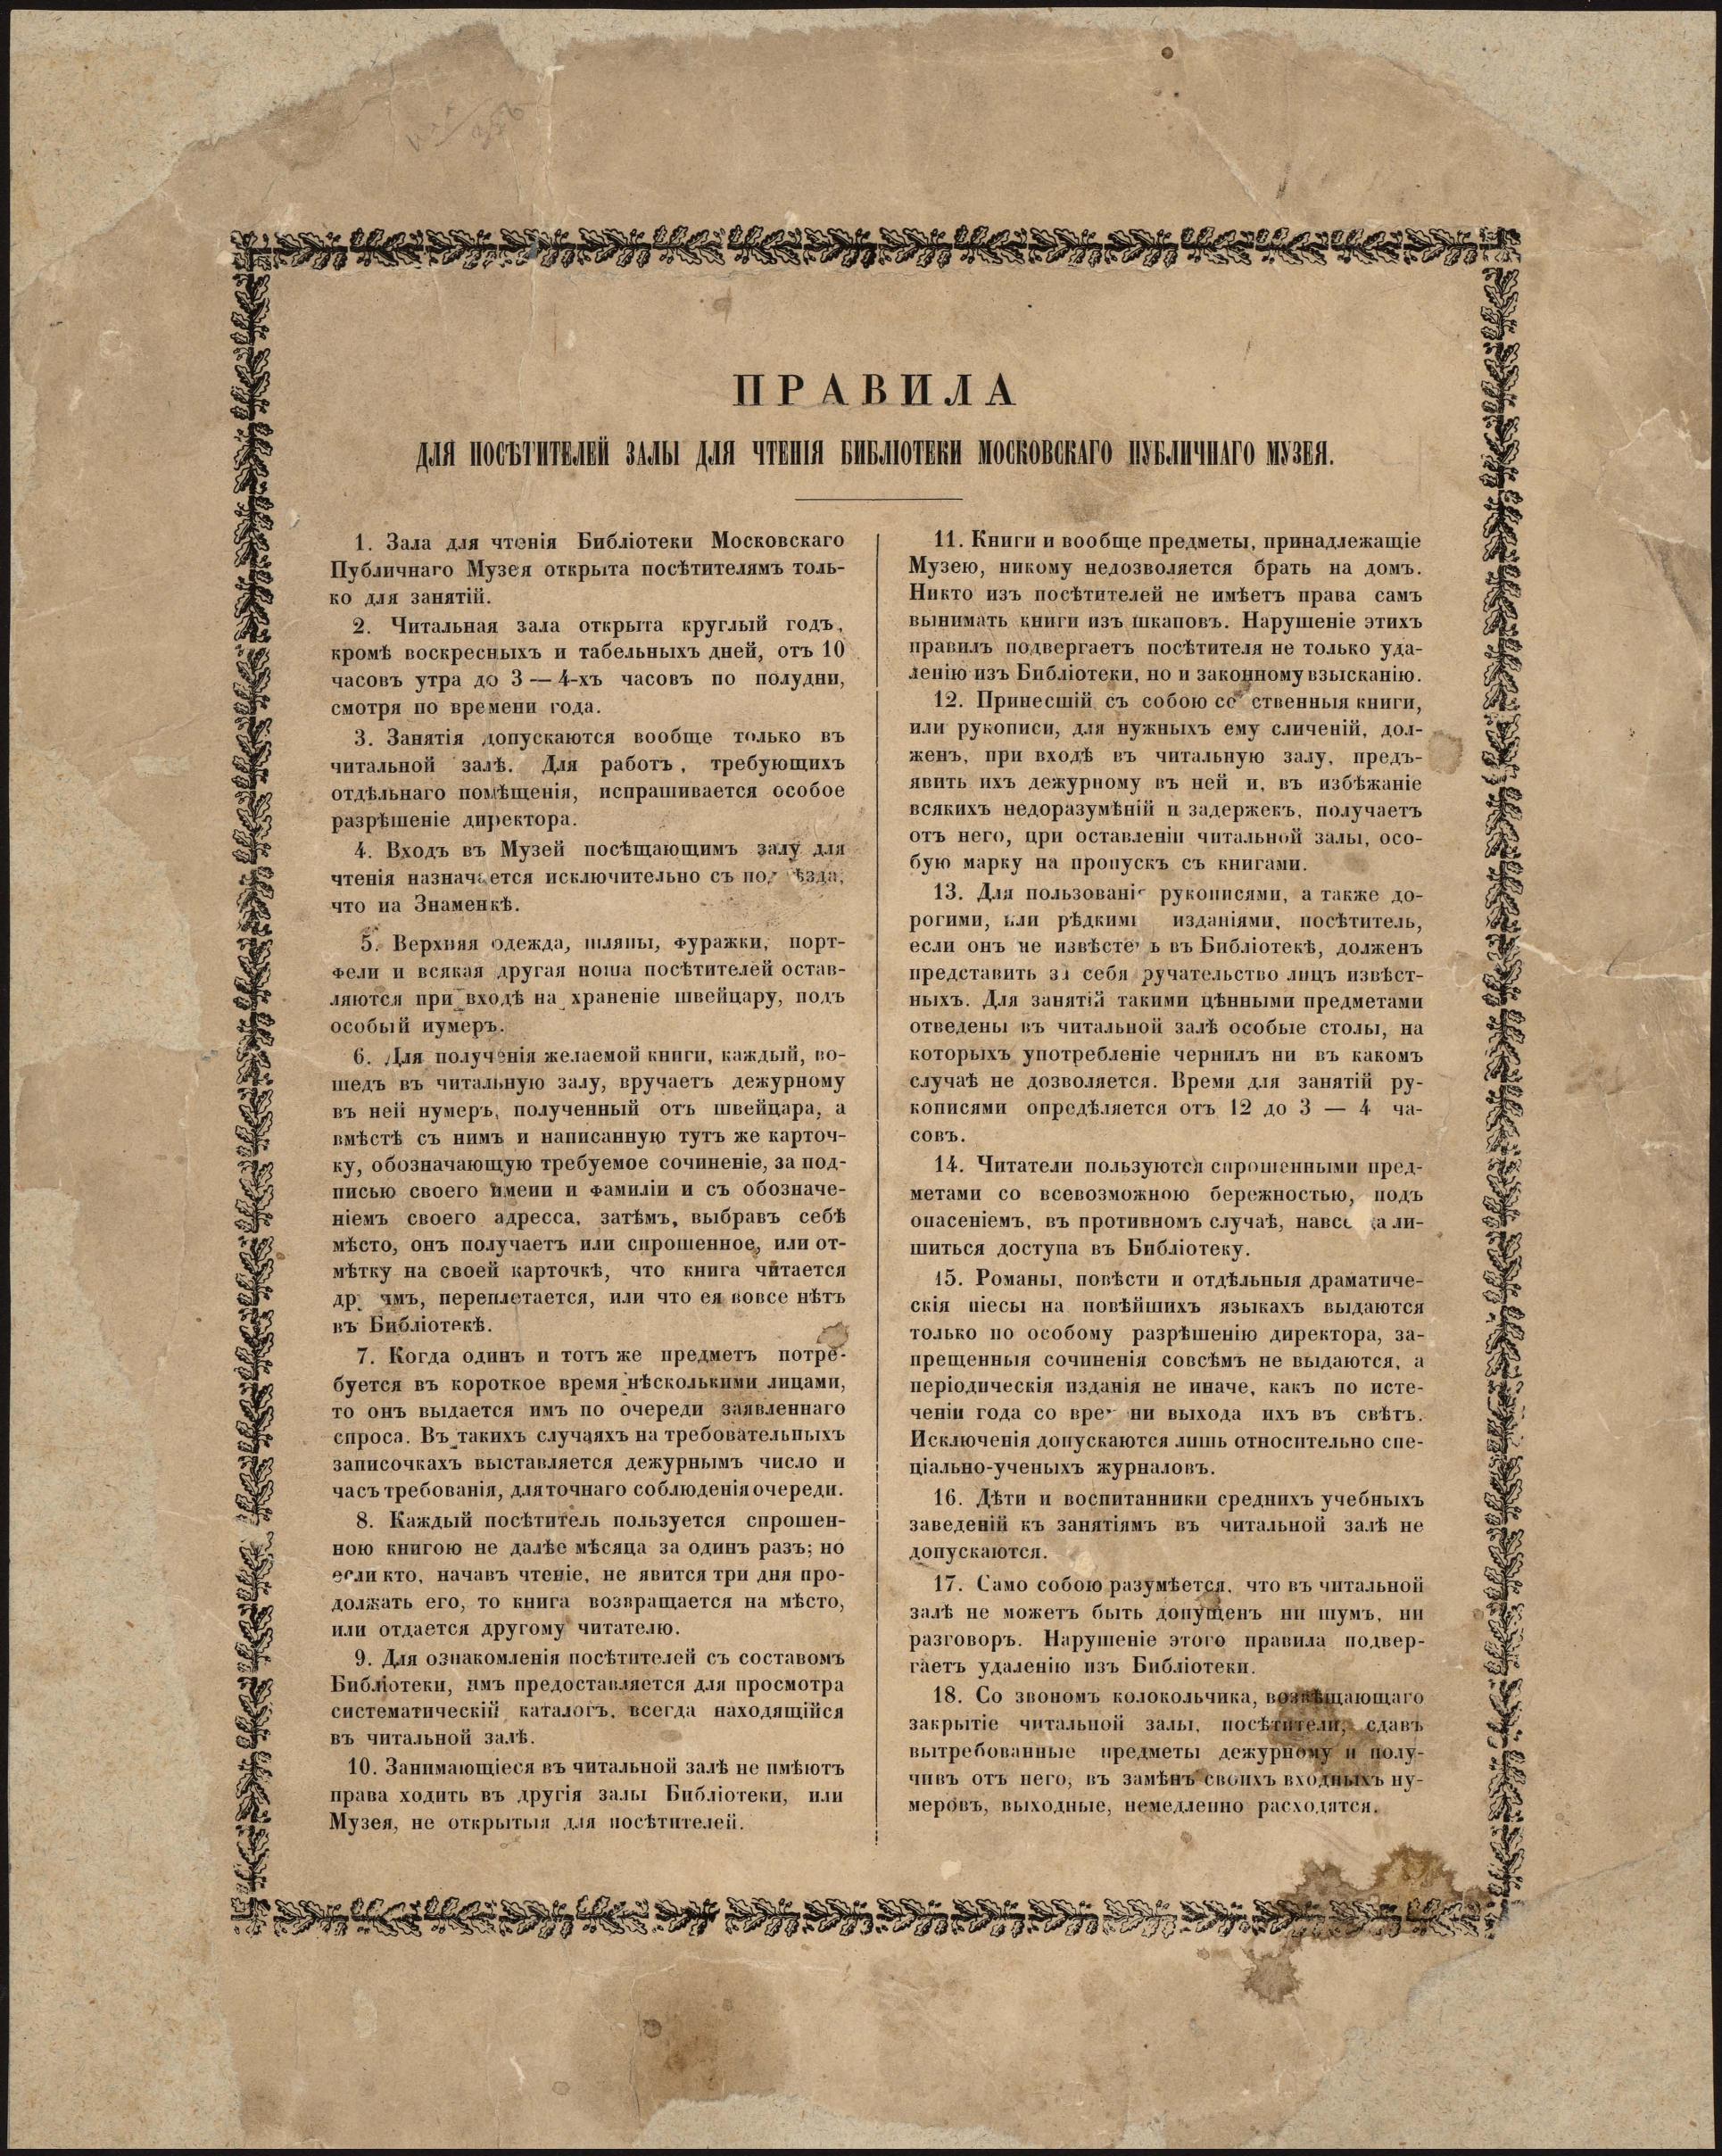 Правила для посетителей залы для чтения библиотеки Московского публичного музея